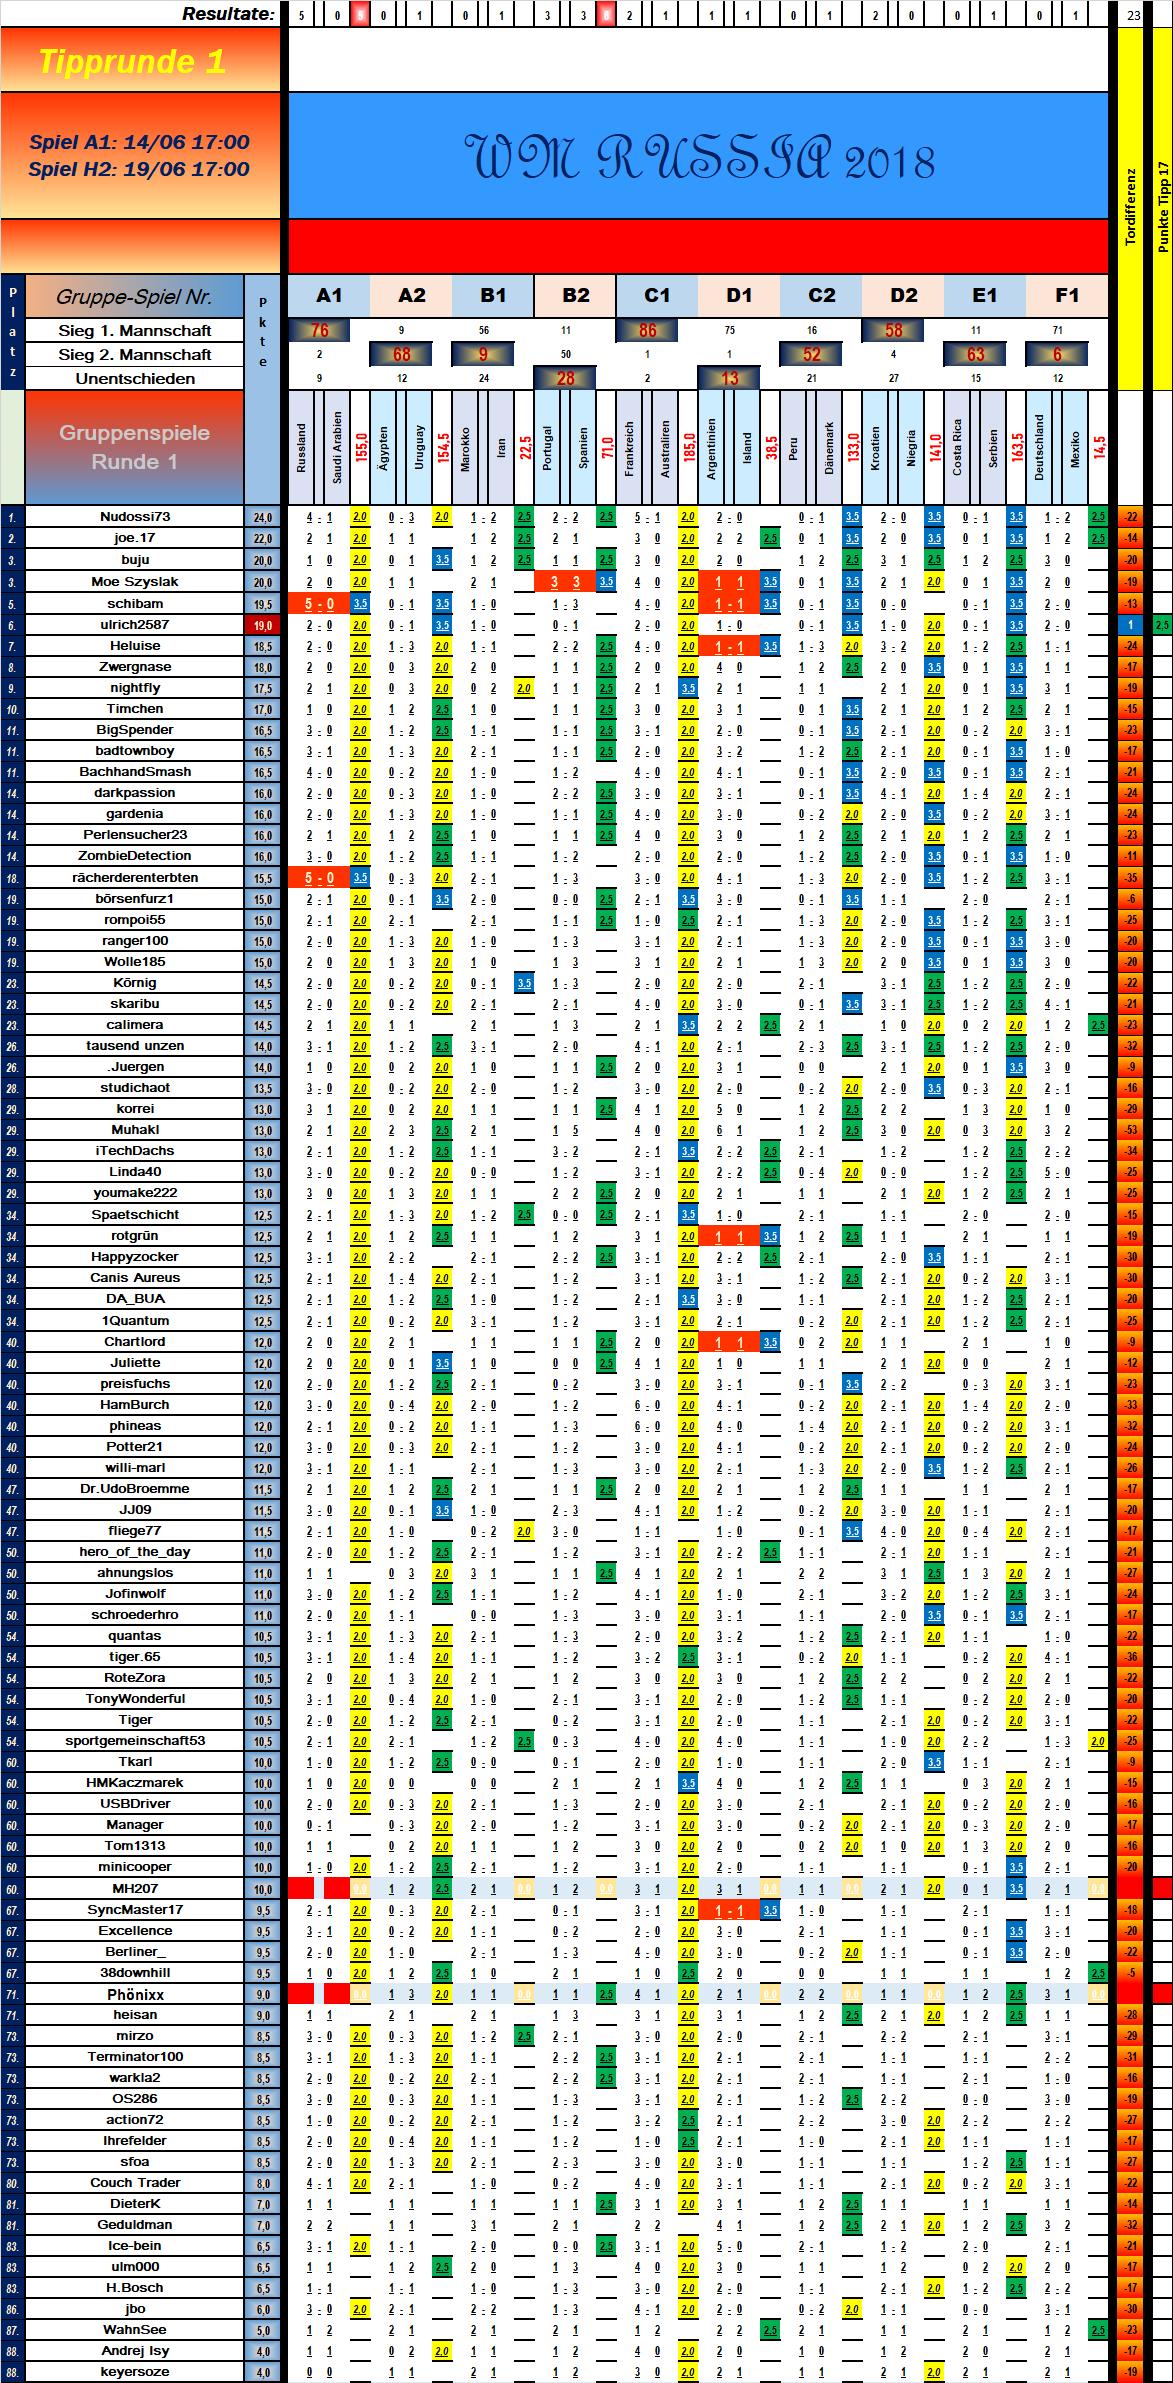 tabelle_vorrunde_1_spiel_10.png